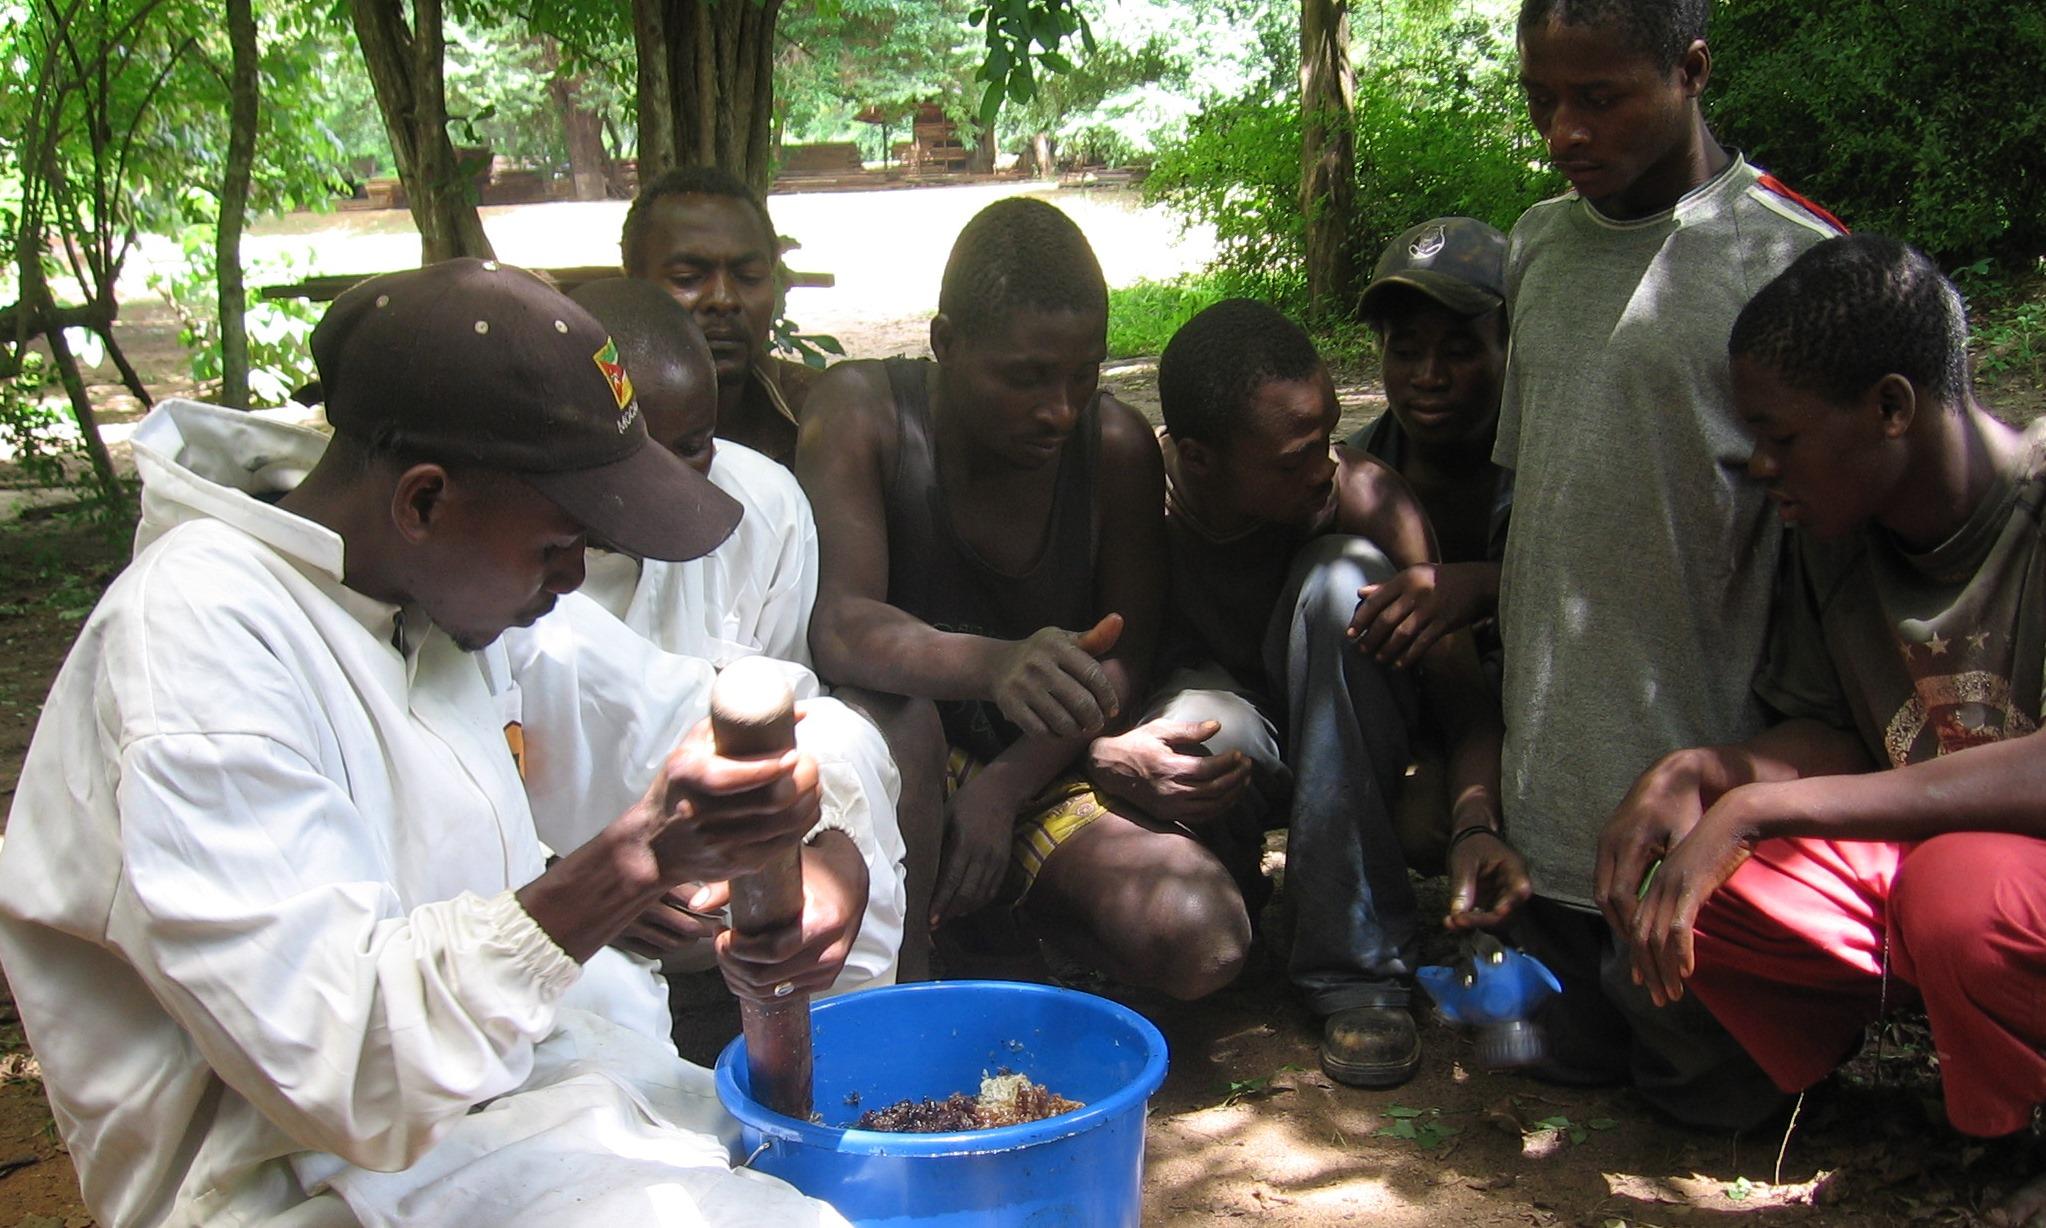 Higienização da colheita de mel dos favos e a sua preparação também são ensinadas  - Hygienic comb collection and preparation is taught